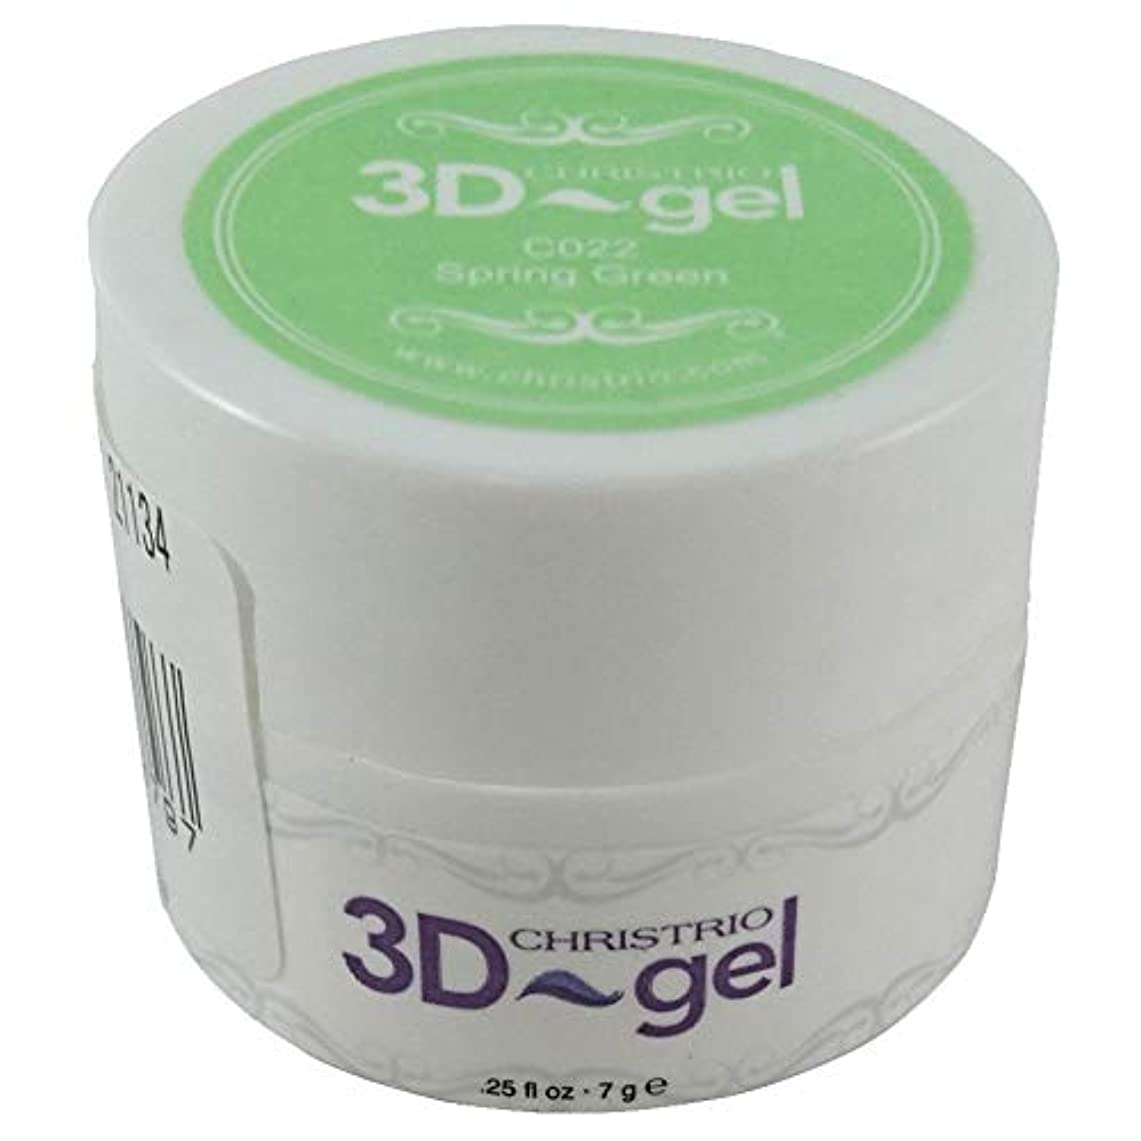 サイト無心超音速CHRISTRIO 3Dジェル 7g C022 スプリンググリーン